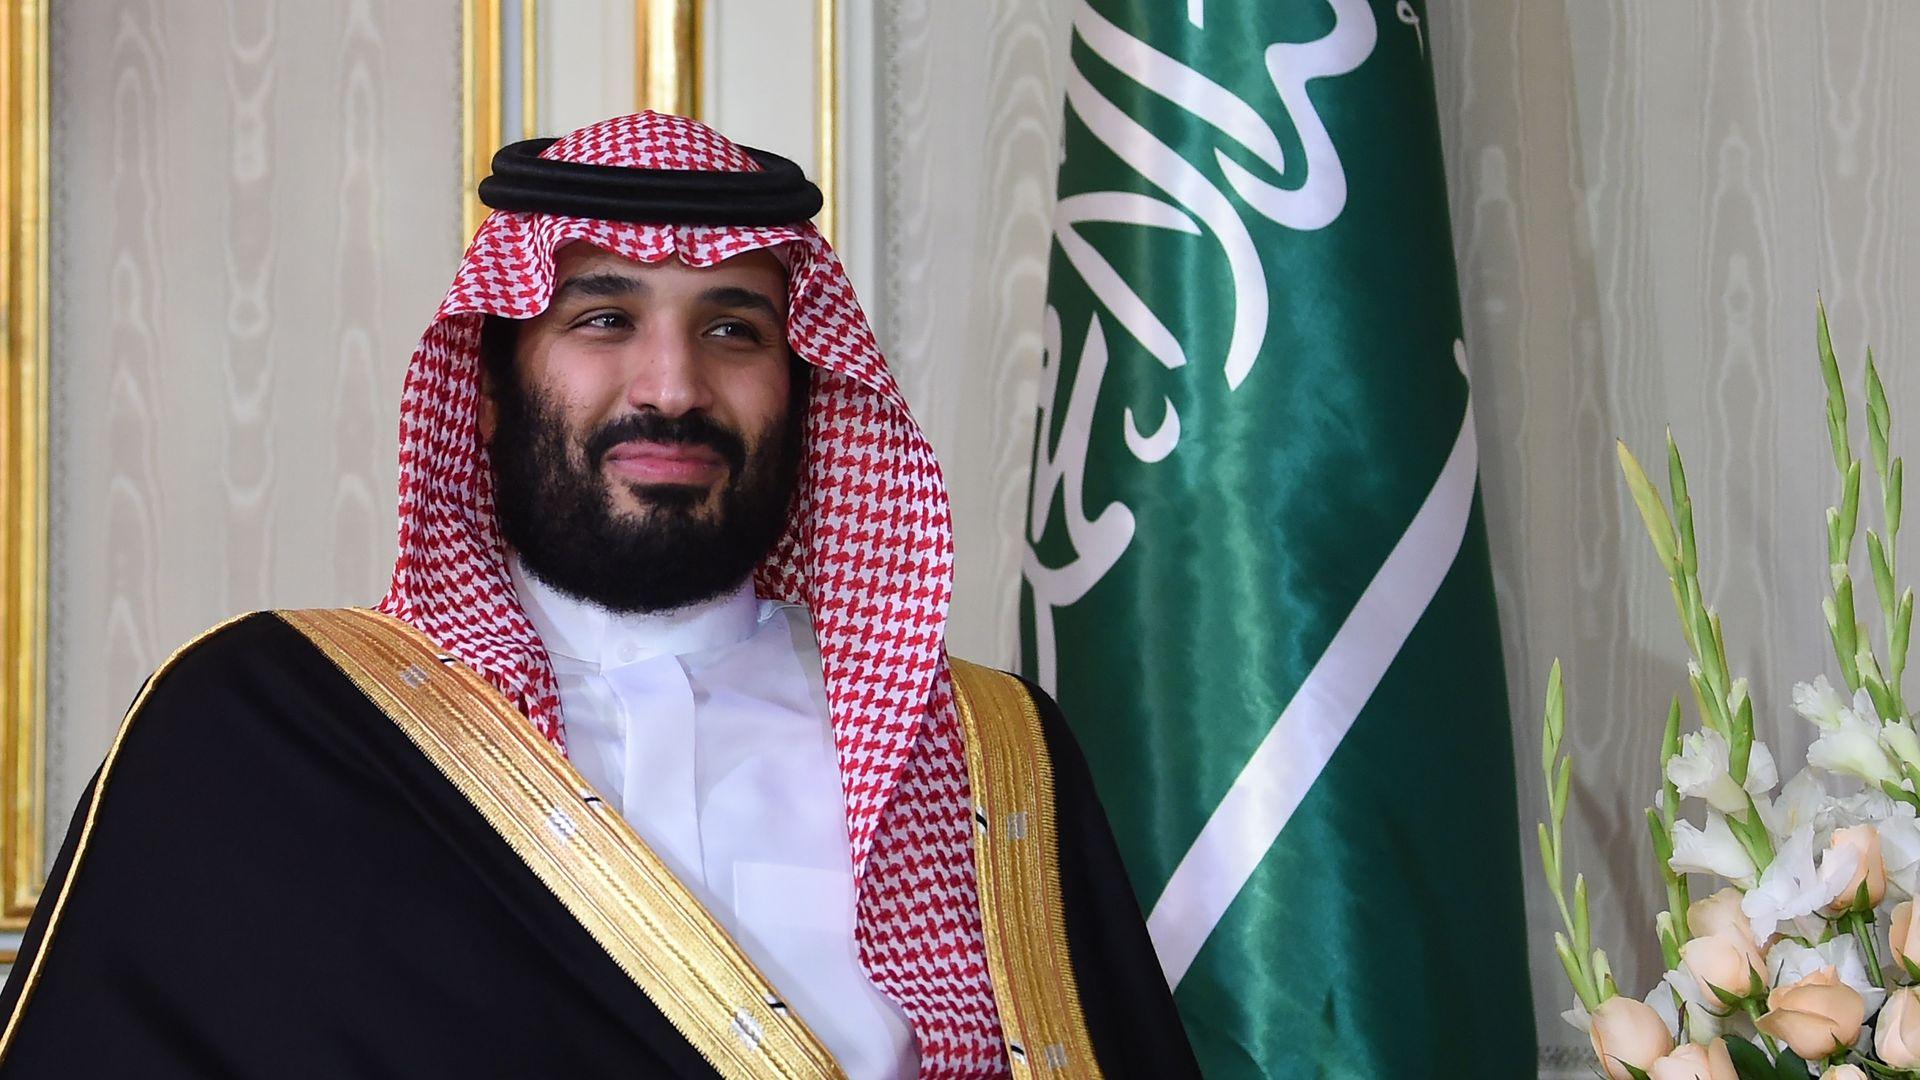 Mohammed bin Salmna